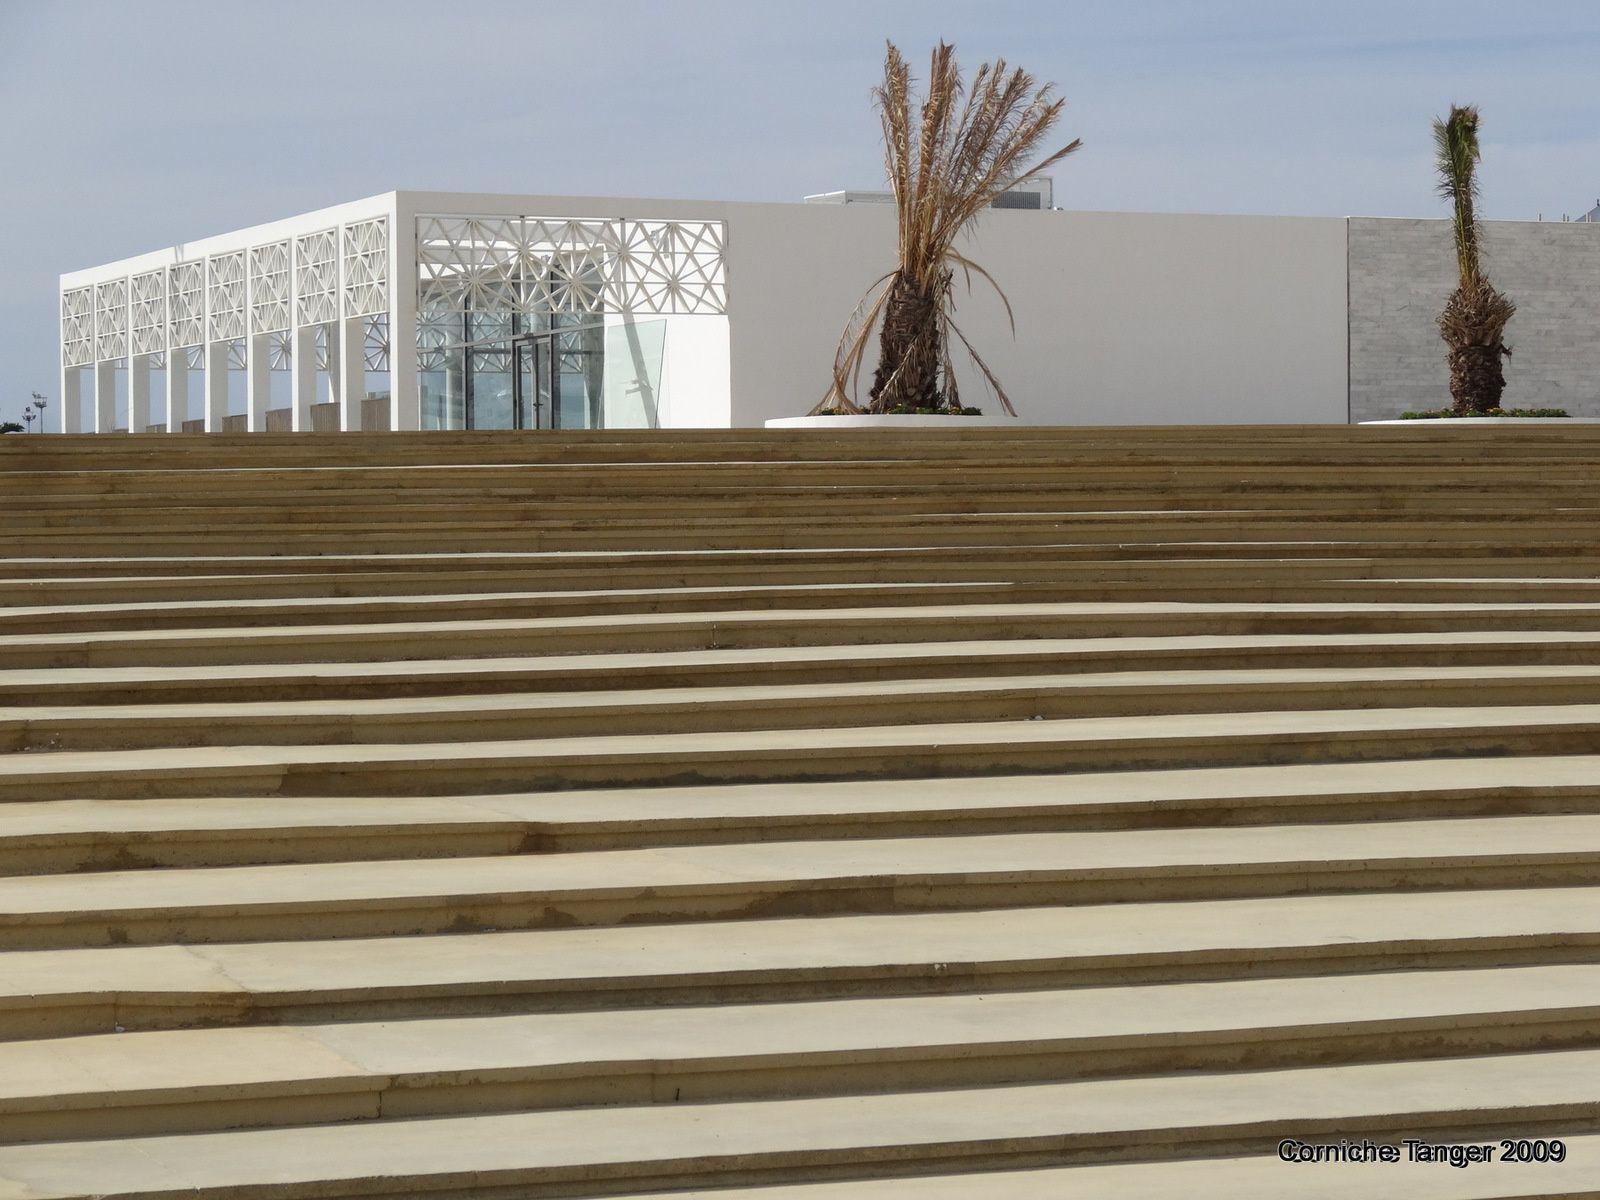 L'aménagement de la corniche à Tanger (4 photos à cliquer)